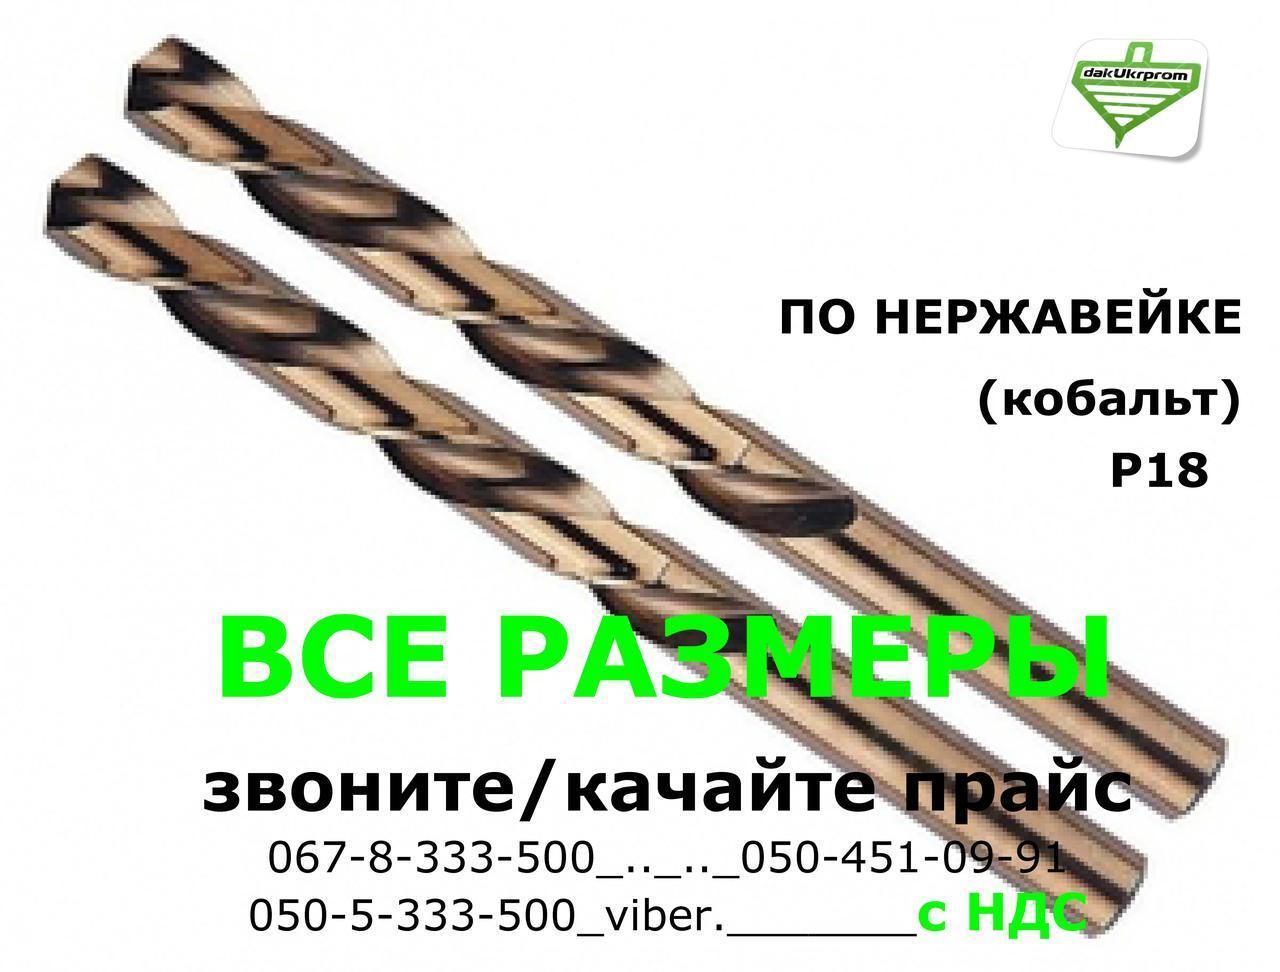 Сверло по нержавейке Р18 - 1,2 мм, (кобальт) промышленного назначения ГОСТ-10902 (DIN338 G-Co)